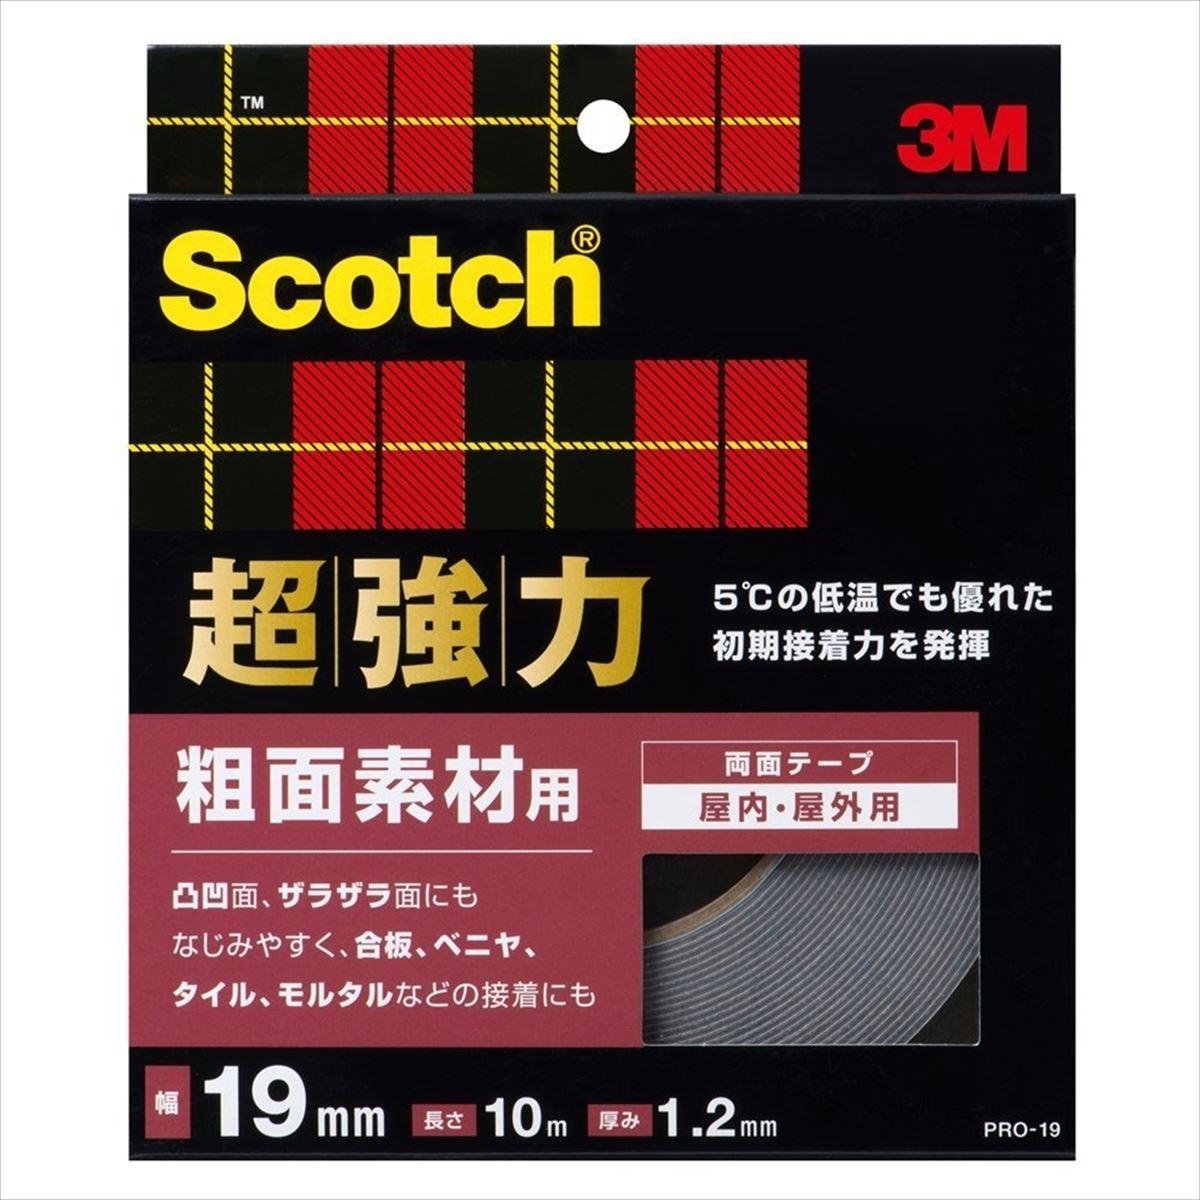 限定タイムセール 3M スリーエム 超強力両面テープ 粗面素材用 PRO-19 19mm×10m 毎日続々入荷